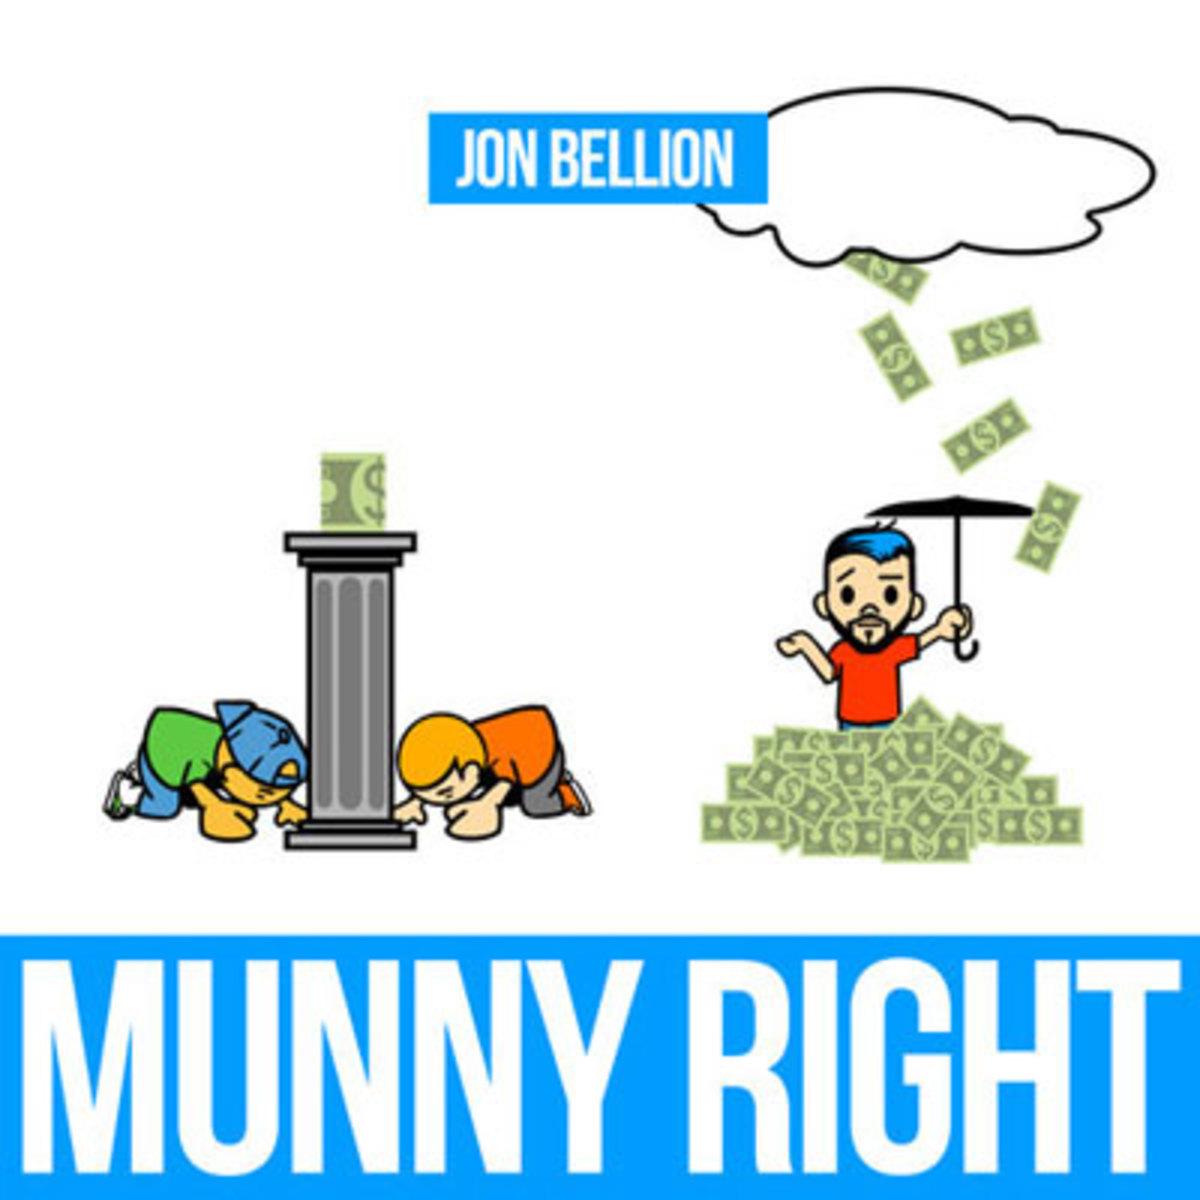 jonbellion-munnyright.jpg